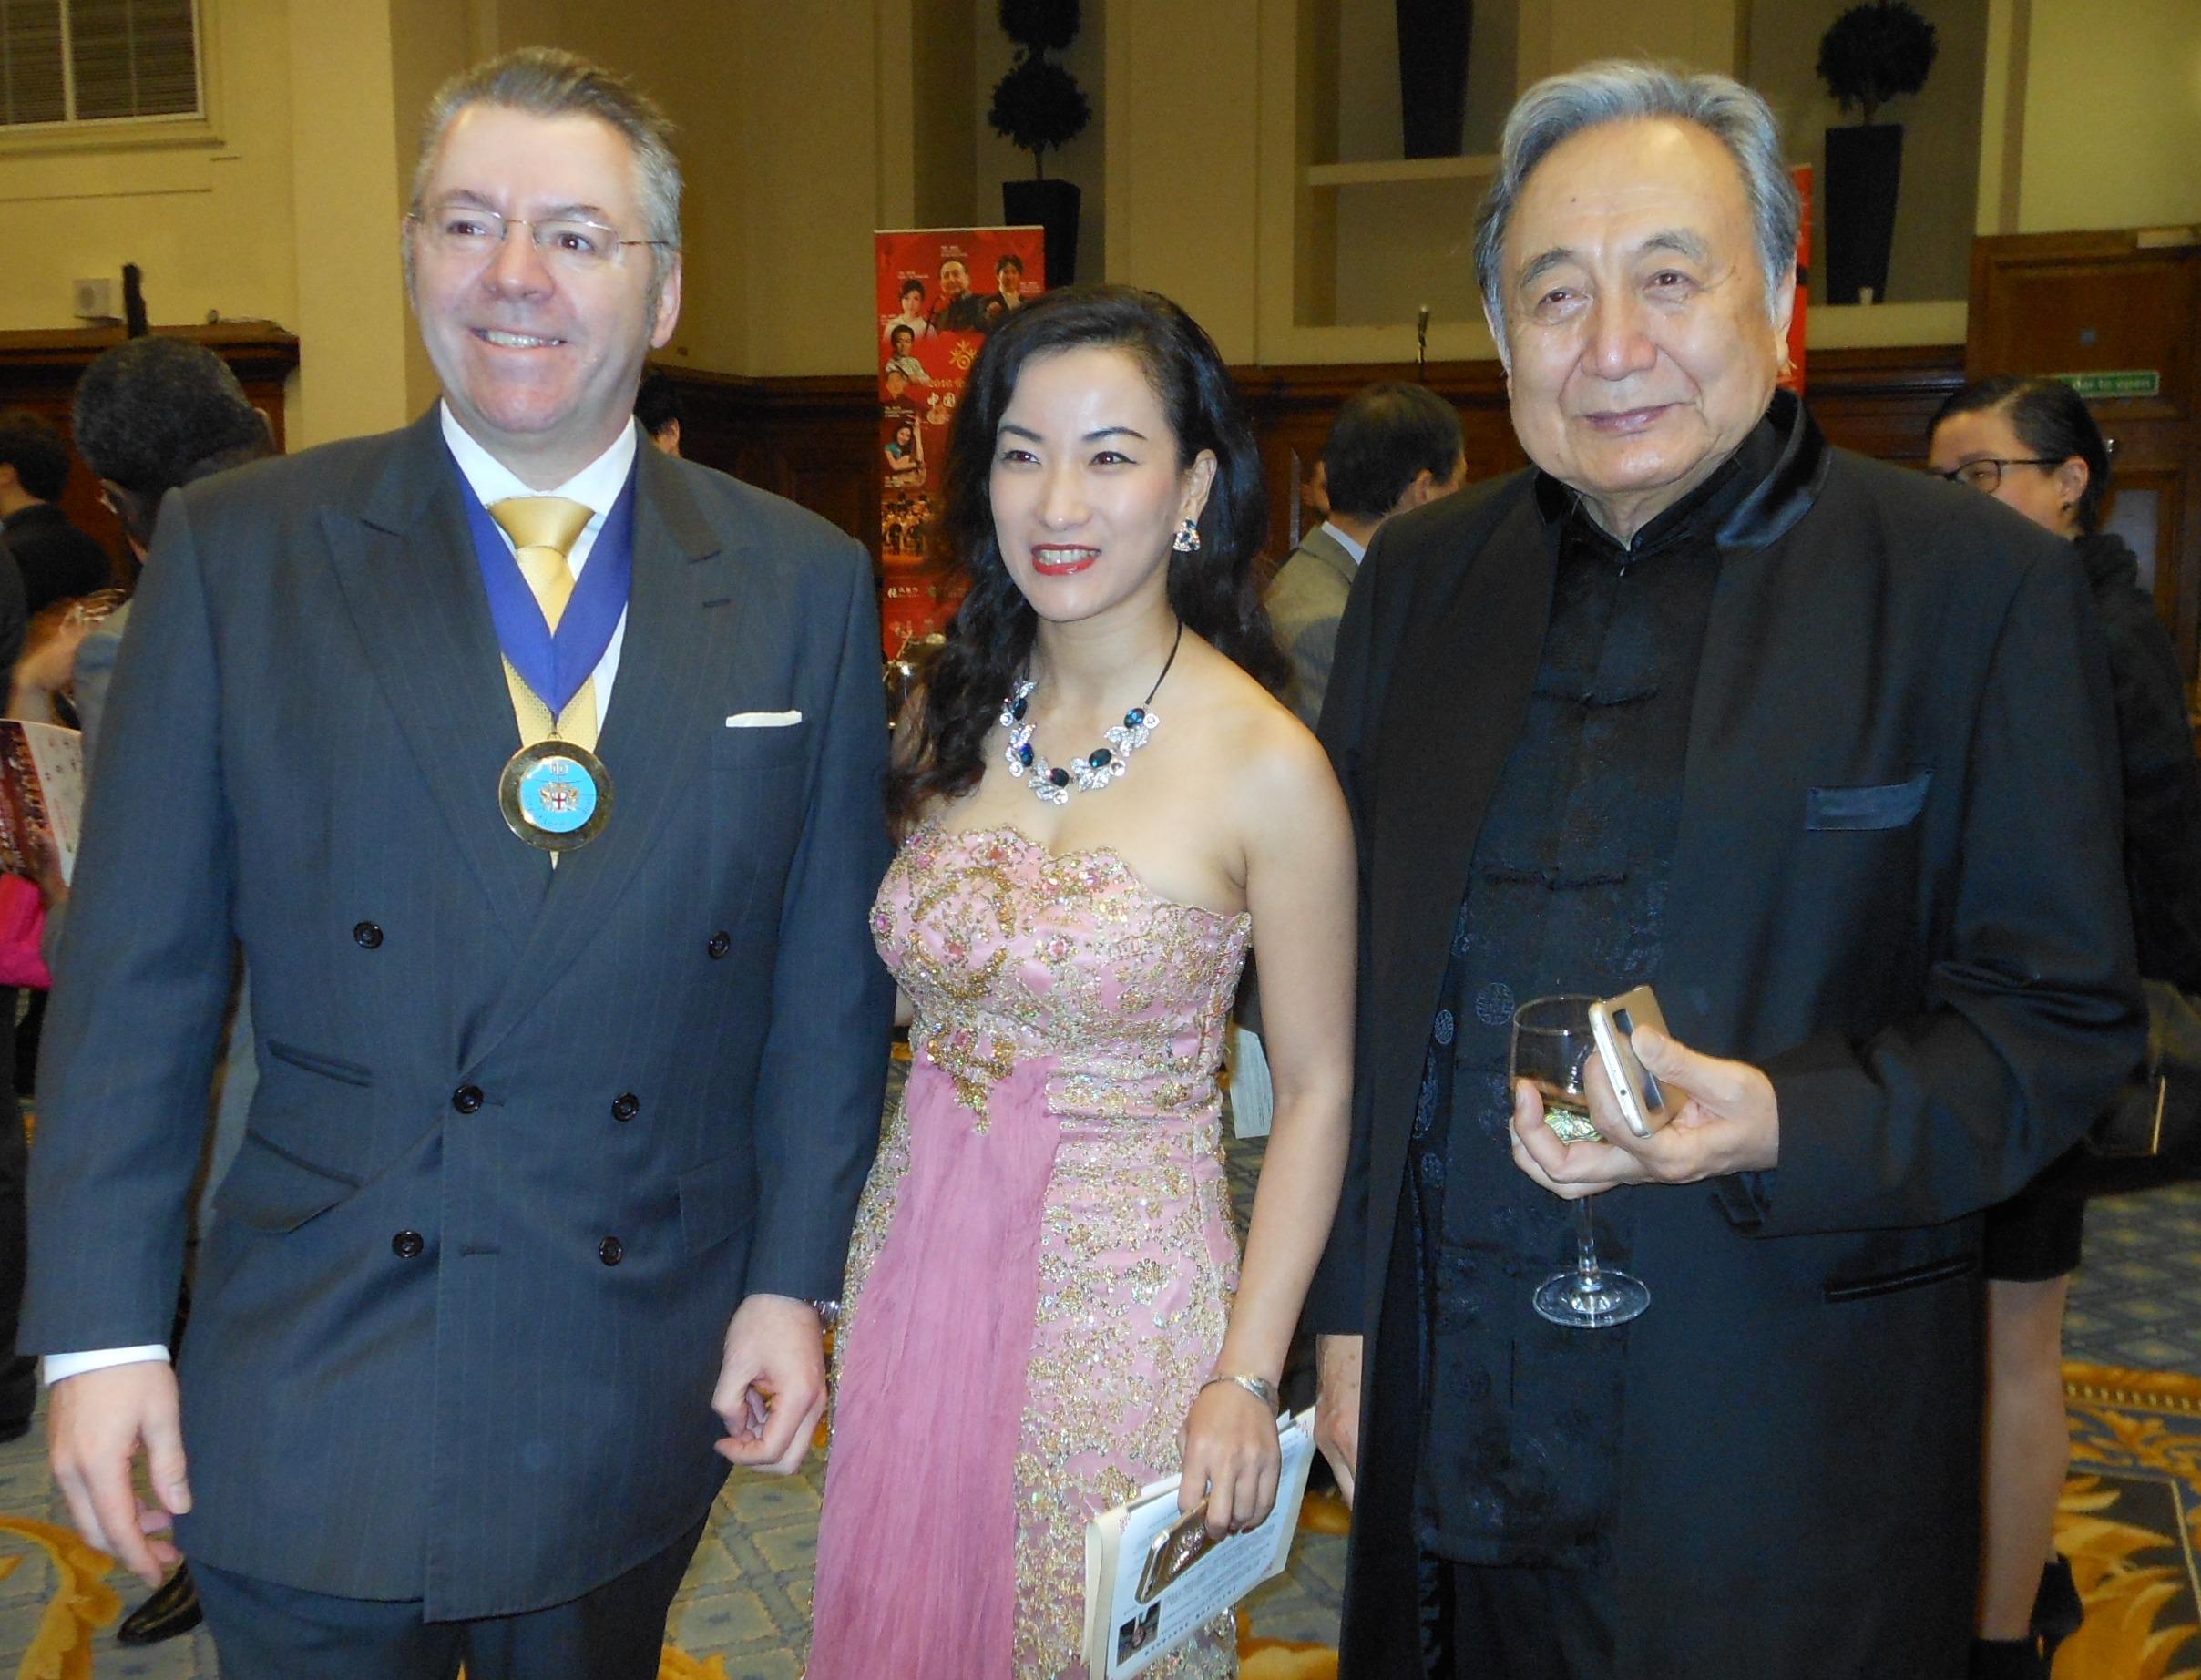 Conductor Kuan Naichung and David Stringer-Lamarre